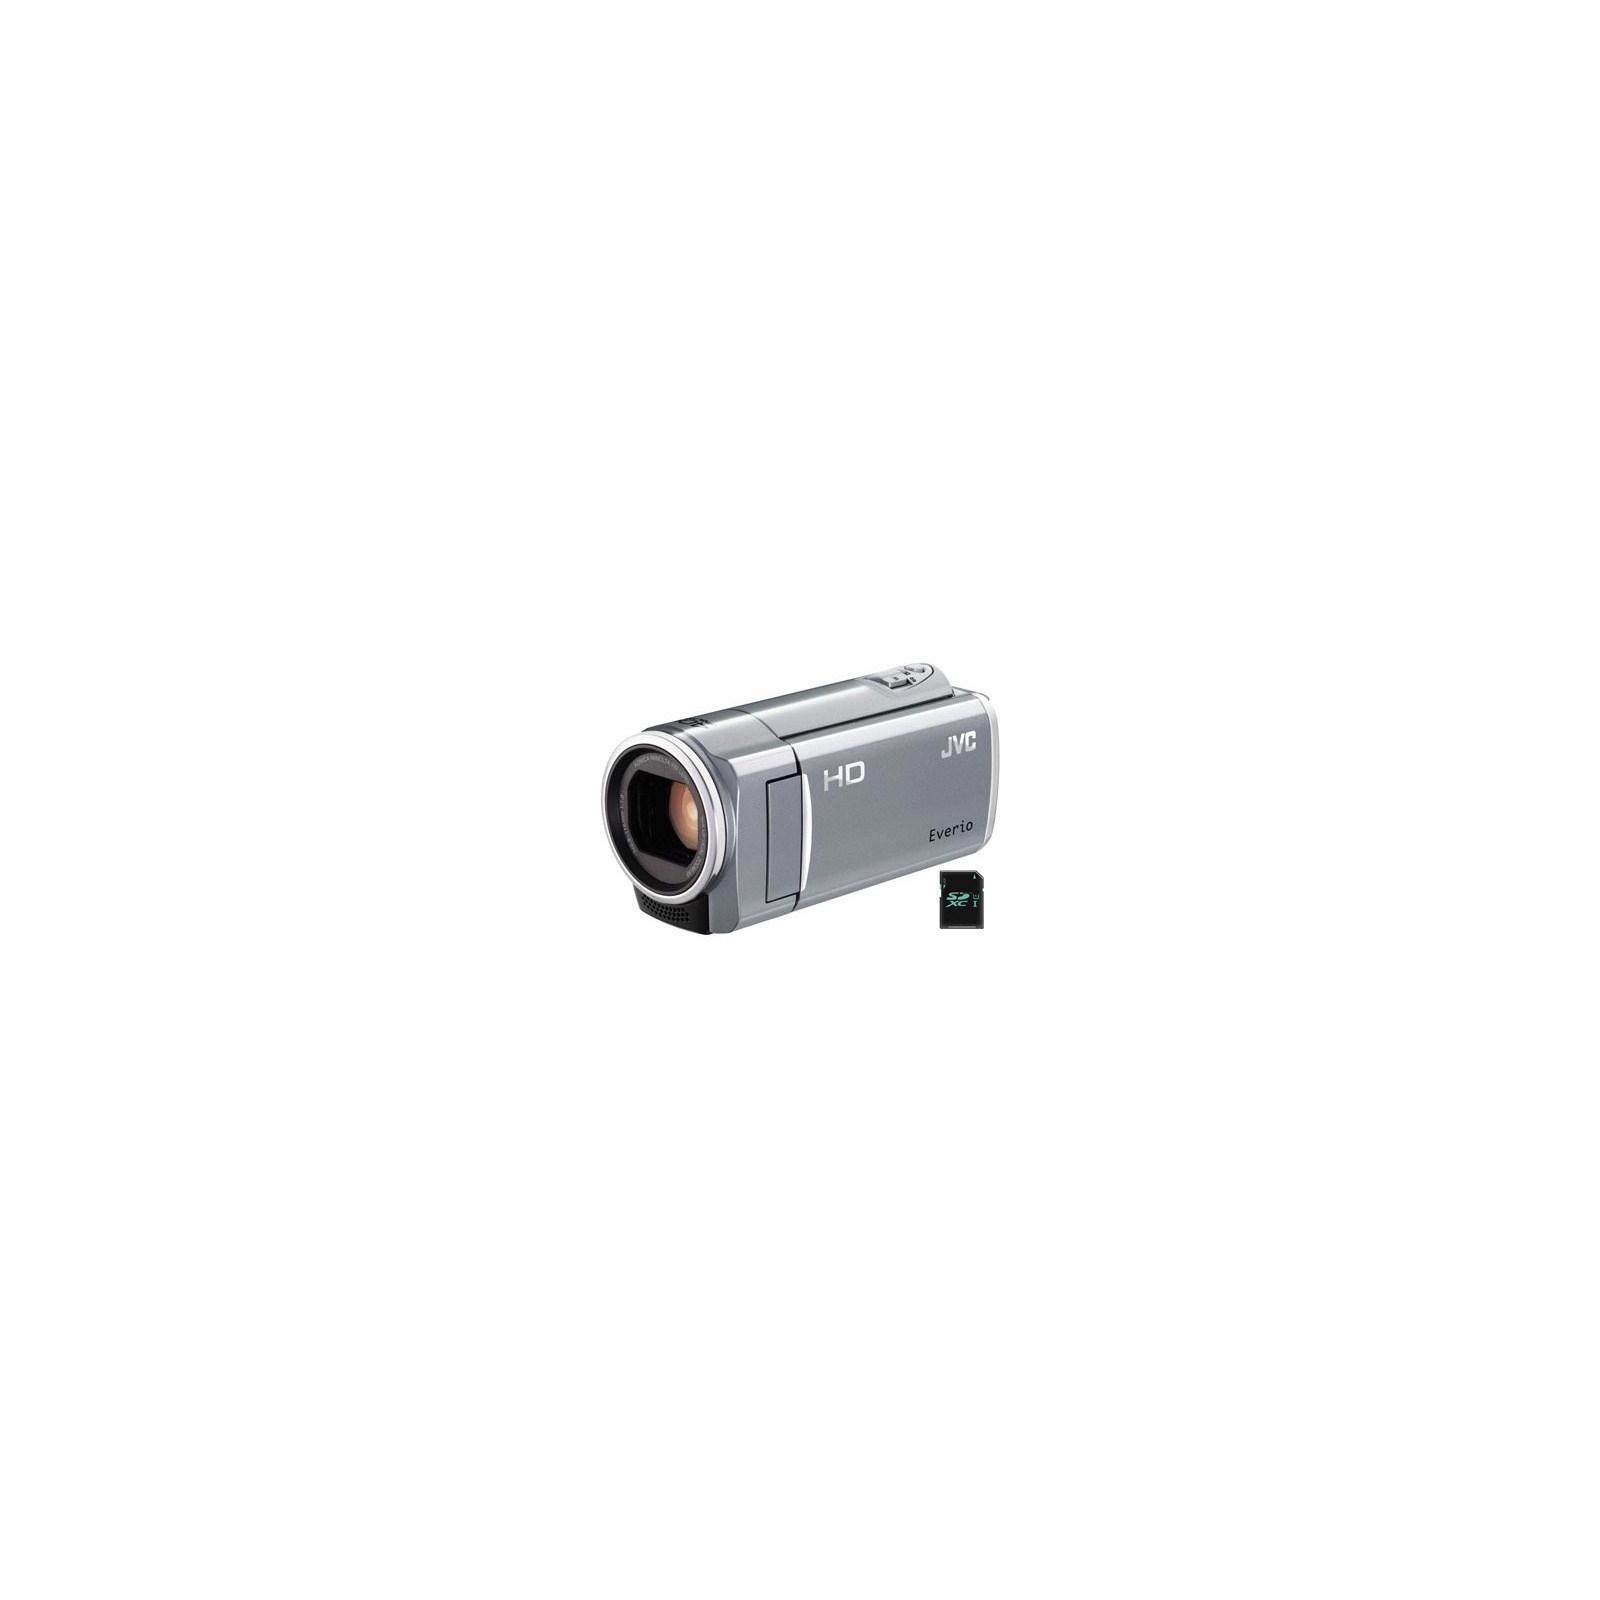 Цифровая видеокамера JVC Everio GZ-E10SEU silver (GZ-E10SEU)